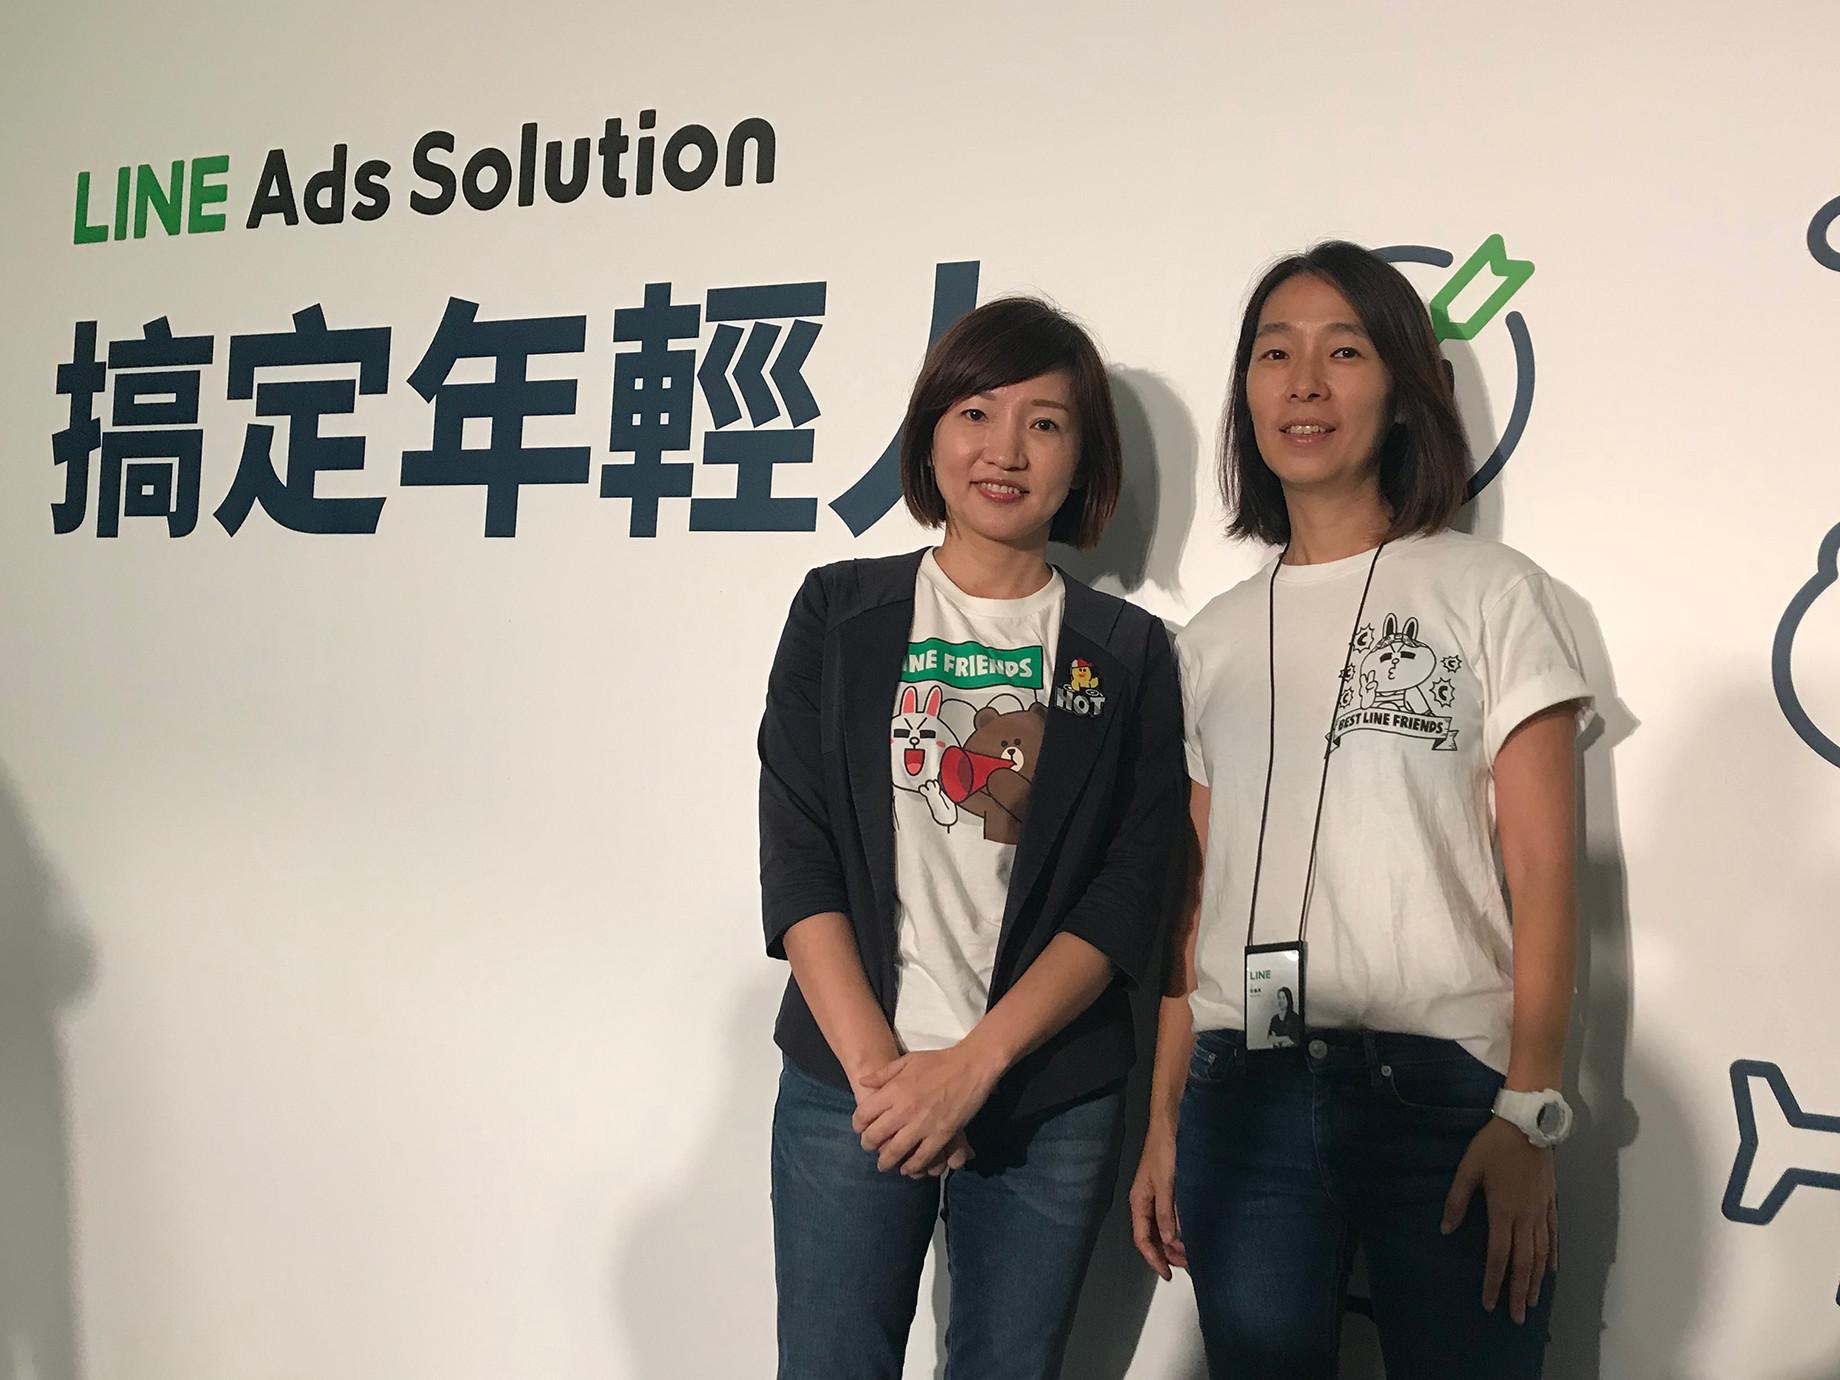 搞定年輕人!LINE推多元廣告合作管道,進攻「拇指族」商機